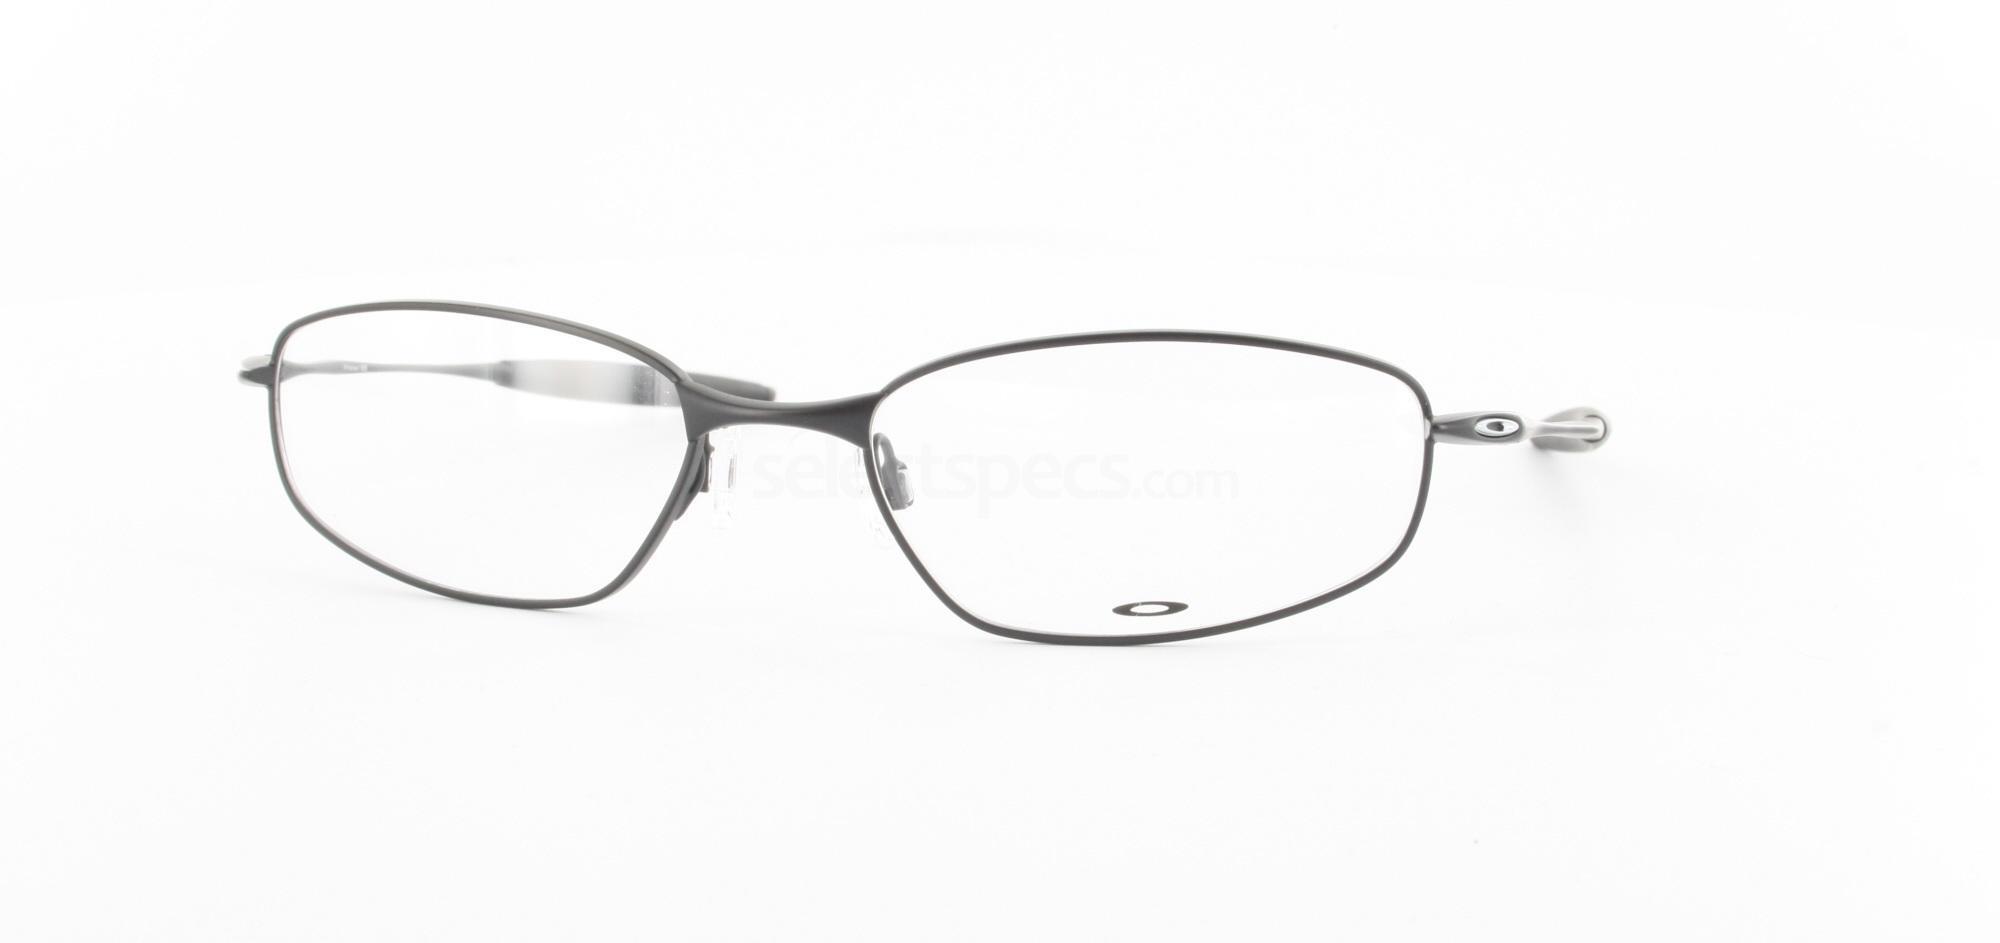 7404c47438 Oakley Whisker 6b Lenses « Heritage Malta